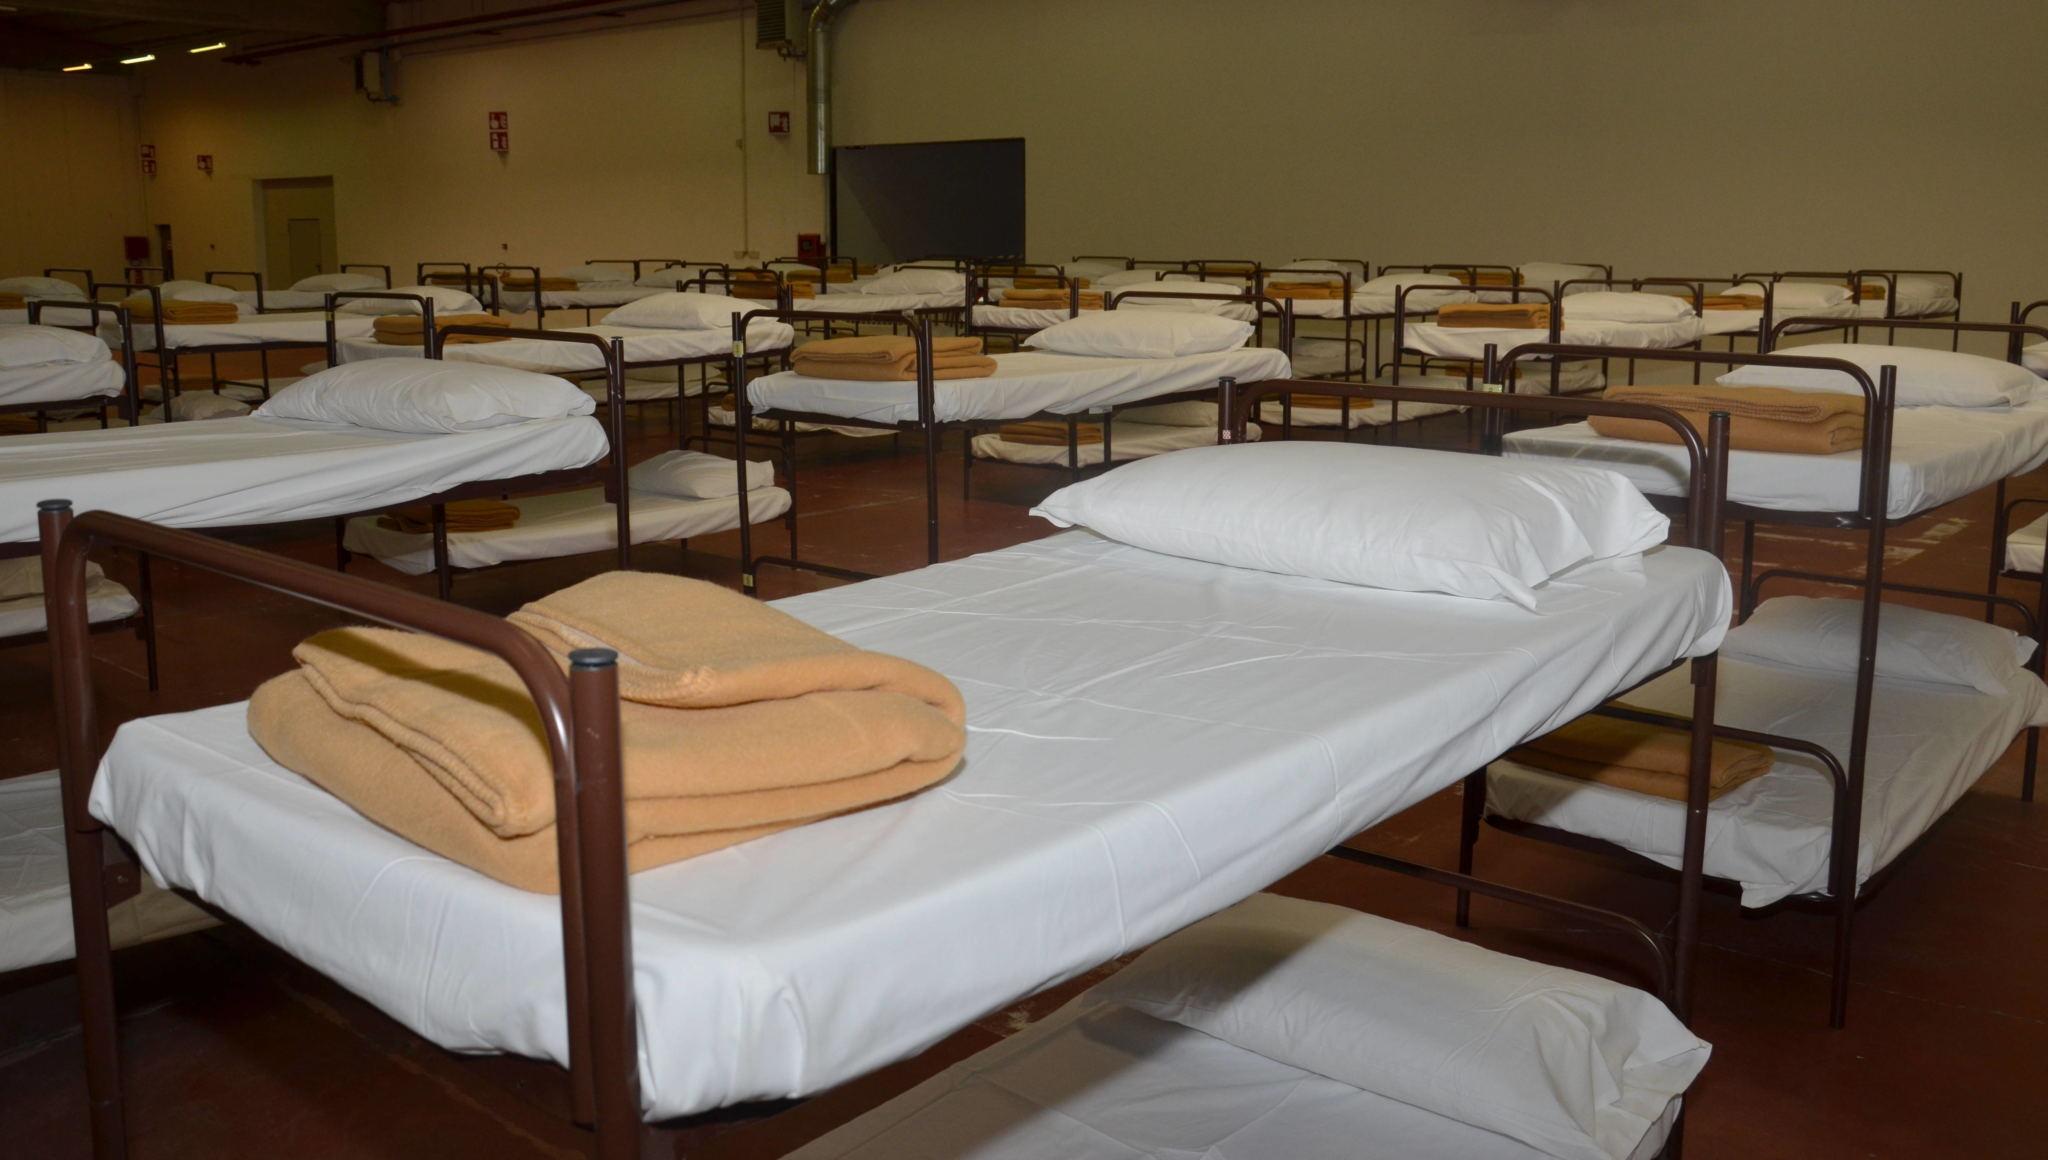 M5S kritisiert Flüchtlingsunterkunft in Bozen Süd